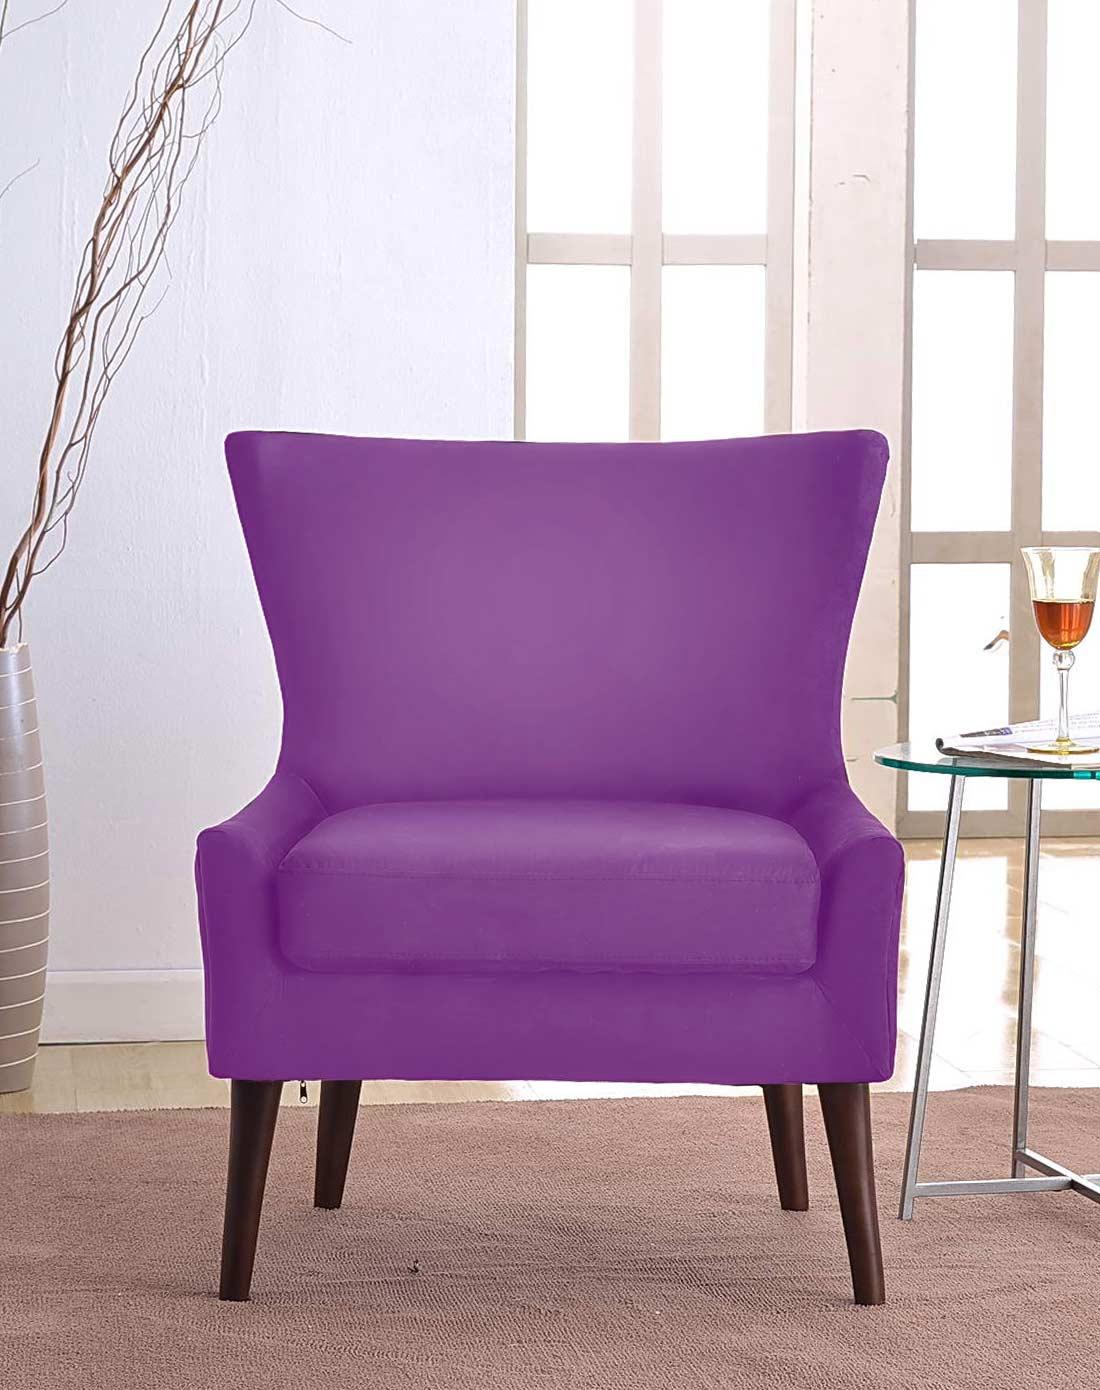 安捷沙发椅-紫色